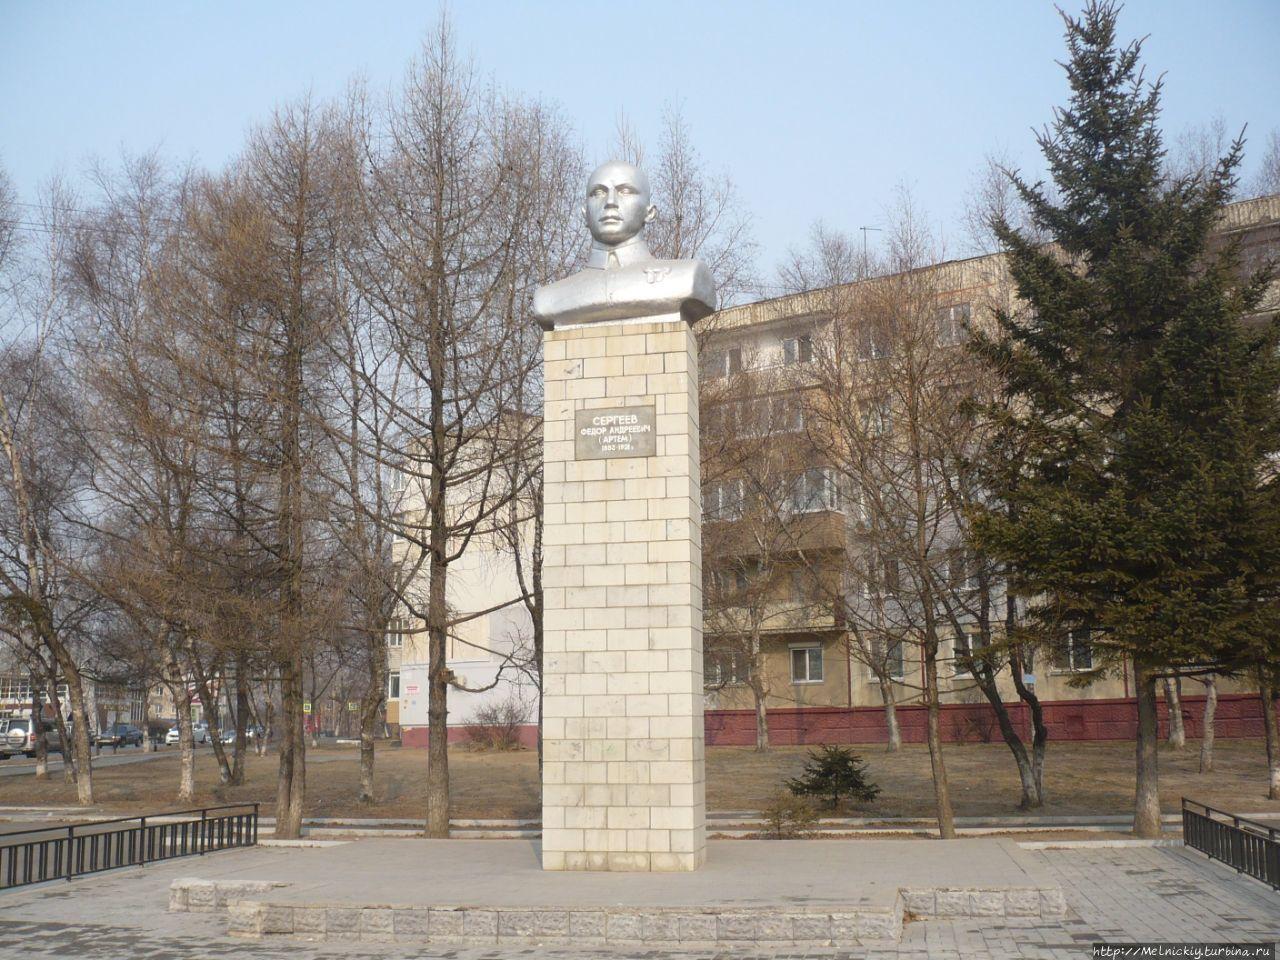 Прошло совсем немного времени с момента реконструкции объекта культурного наследия регионального значения Памятника Артему (Ф. А. Сергееву).